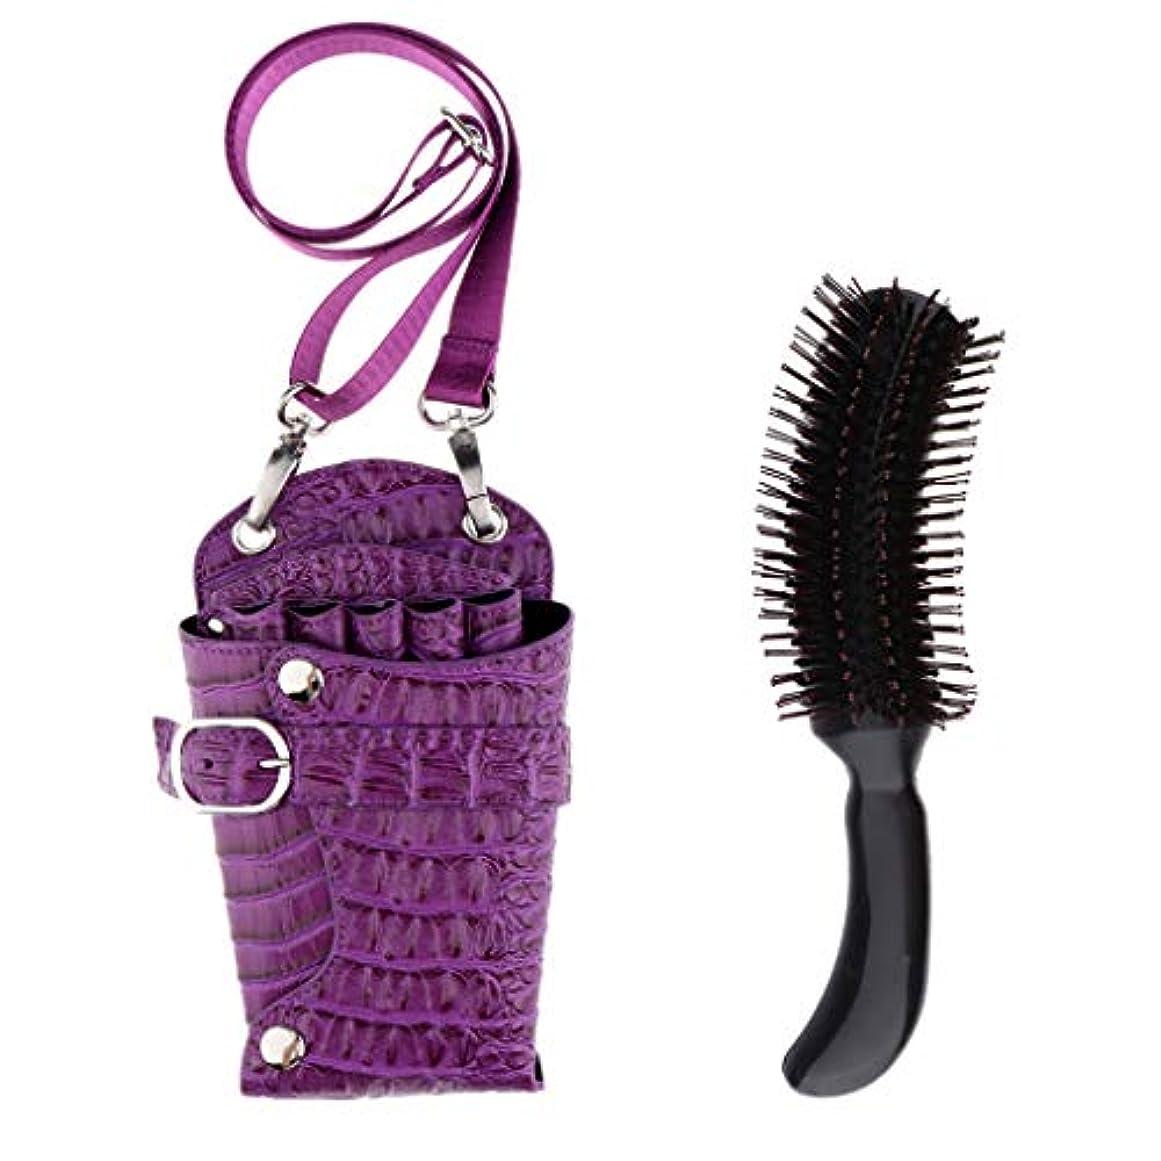 タクトオールネイティブCUTICATE デタングルスタイリングブロー乾燥ヘアブラシでPU長い理髪はさみヘアカットツールポーチホルスター鋏コムケース